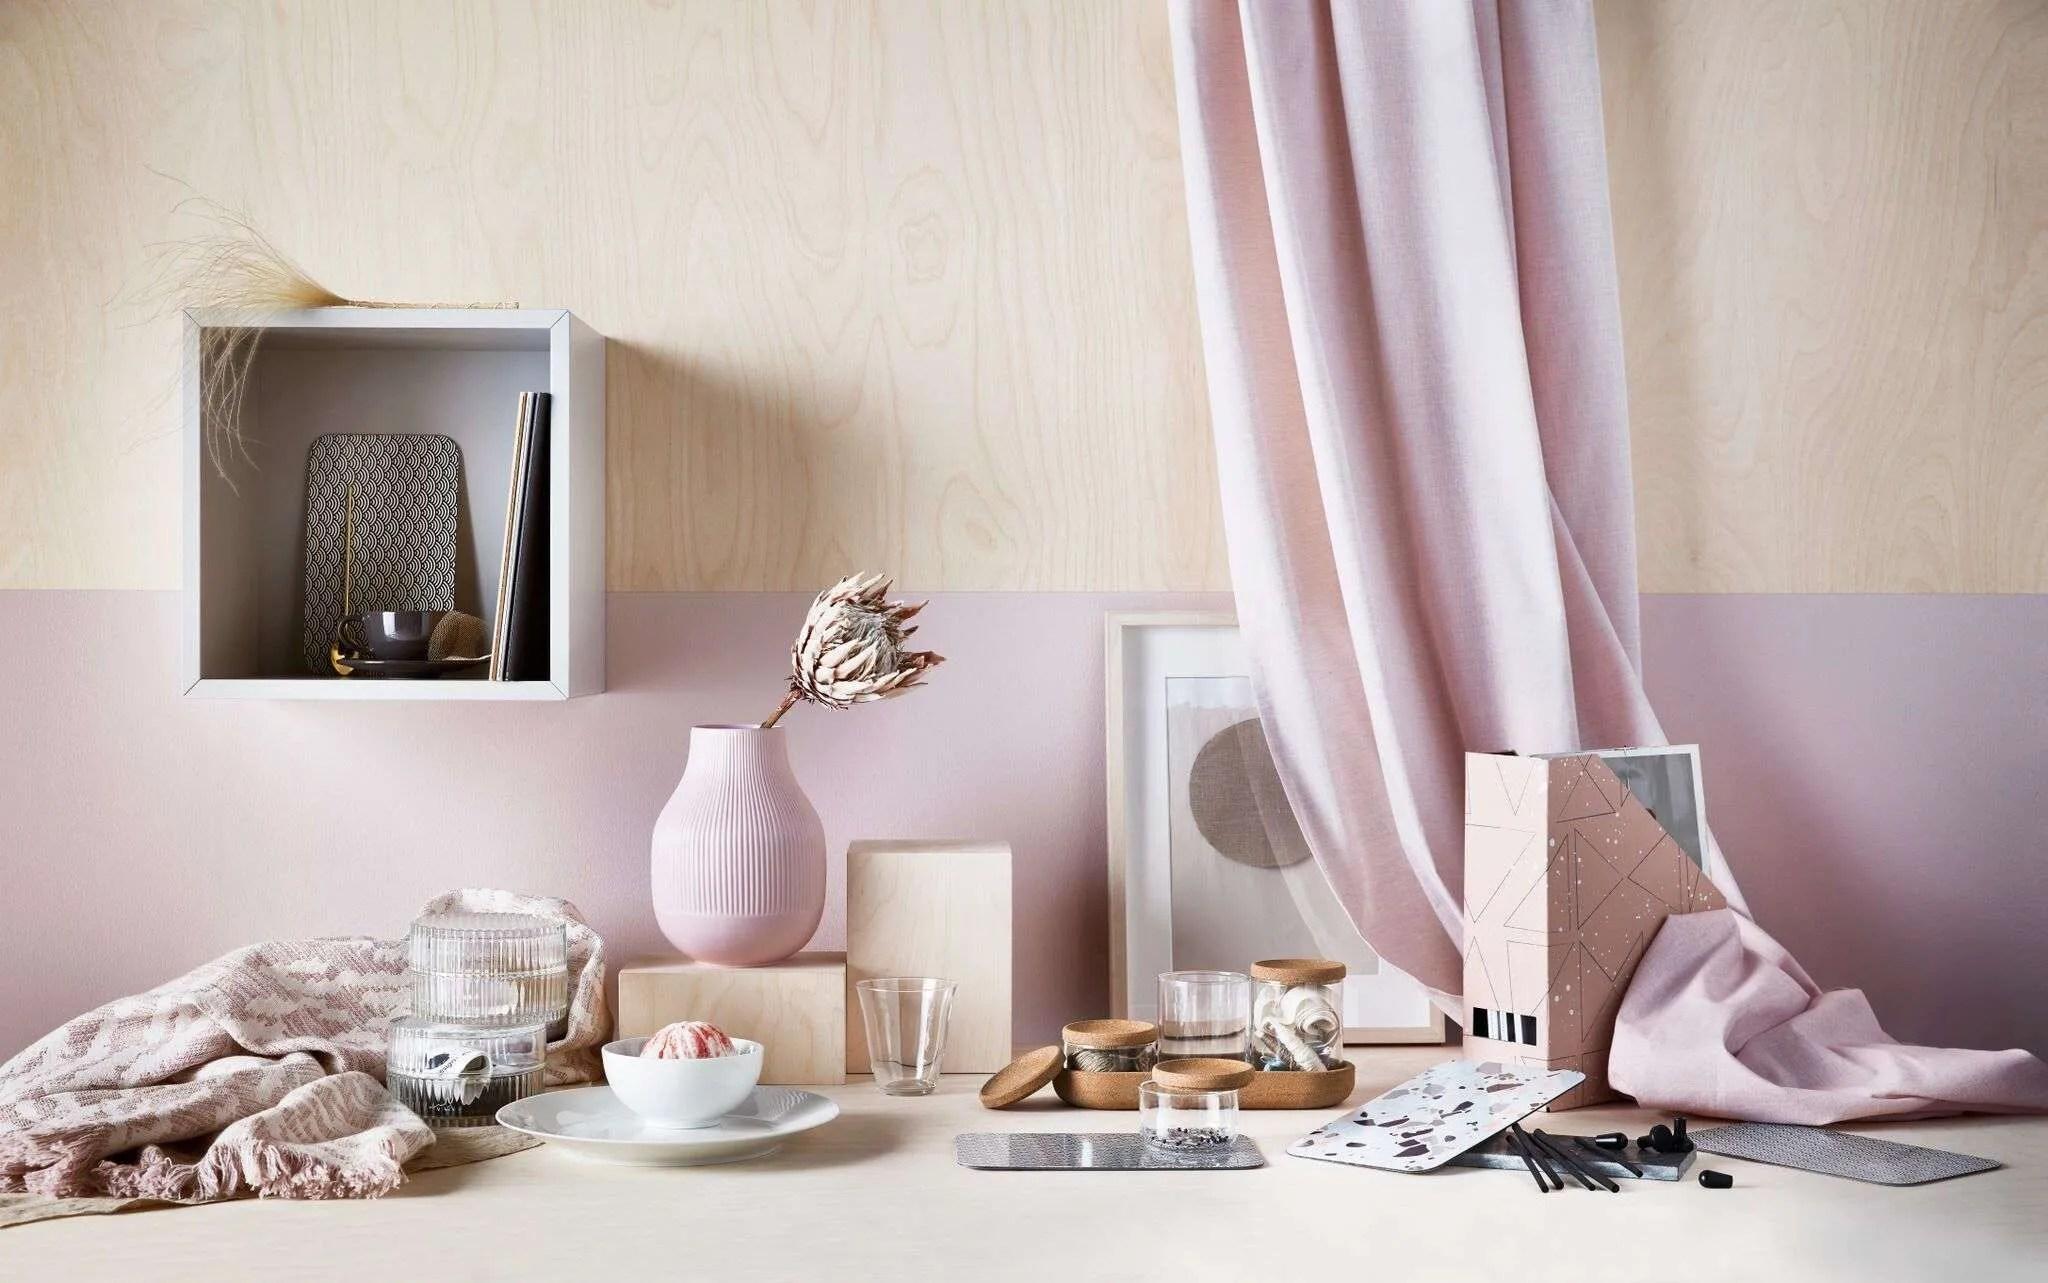 Catálogo Ikea 2019 Estoreta Family Craft Deco